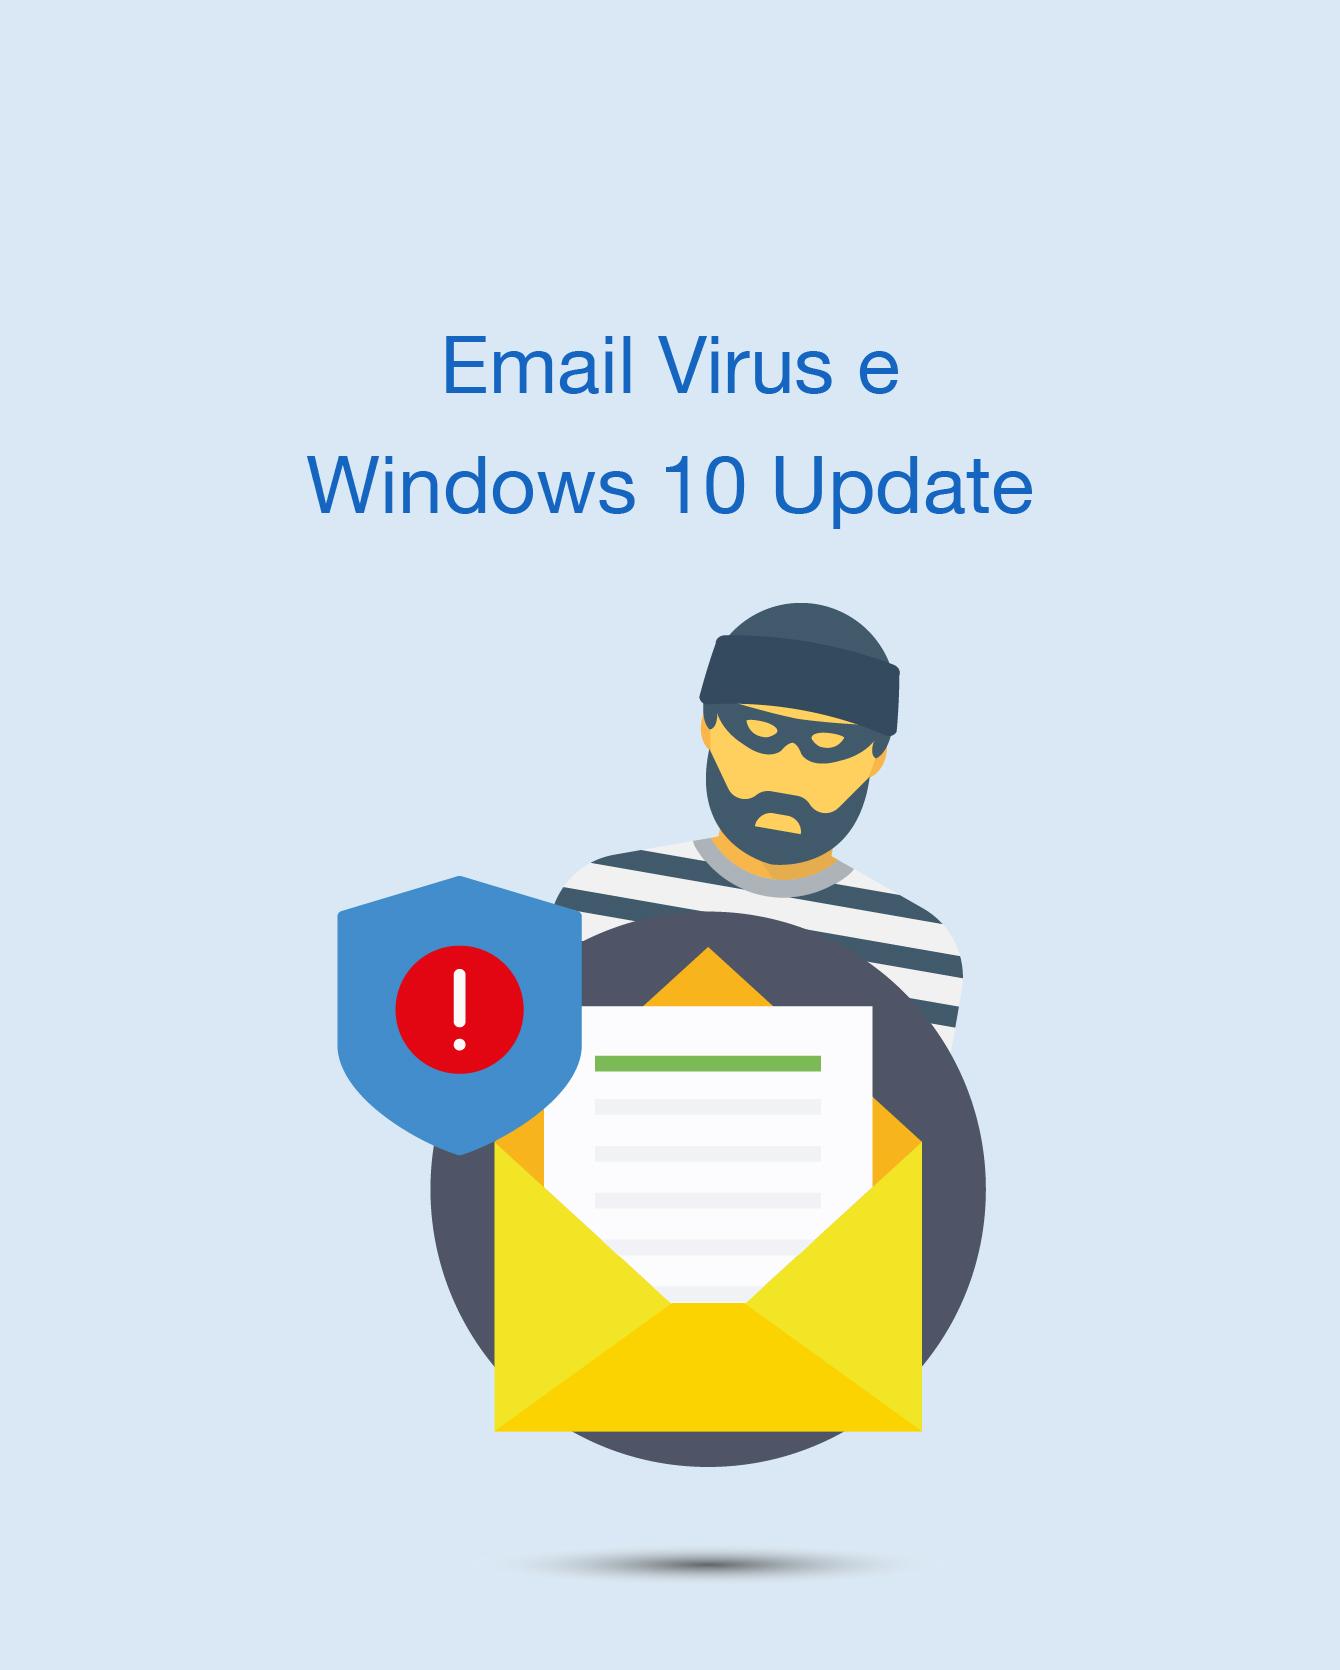 Virus mail e problemi con gli aggiornamenti Windows 10